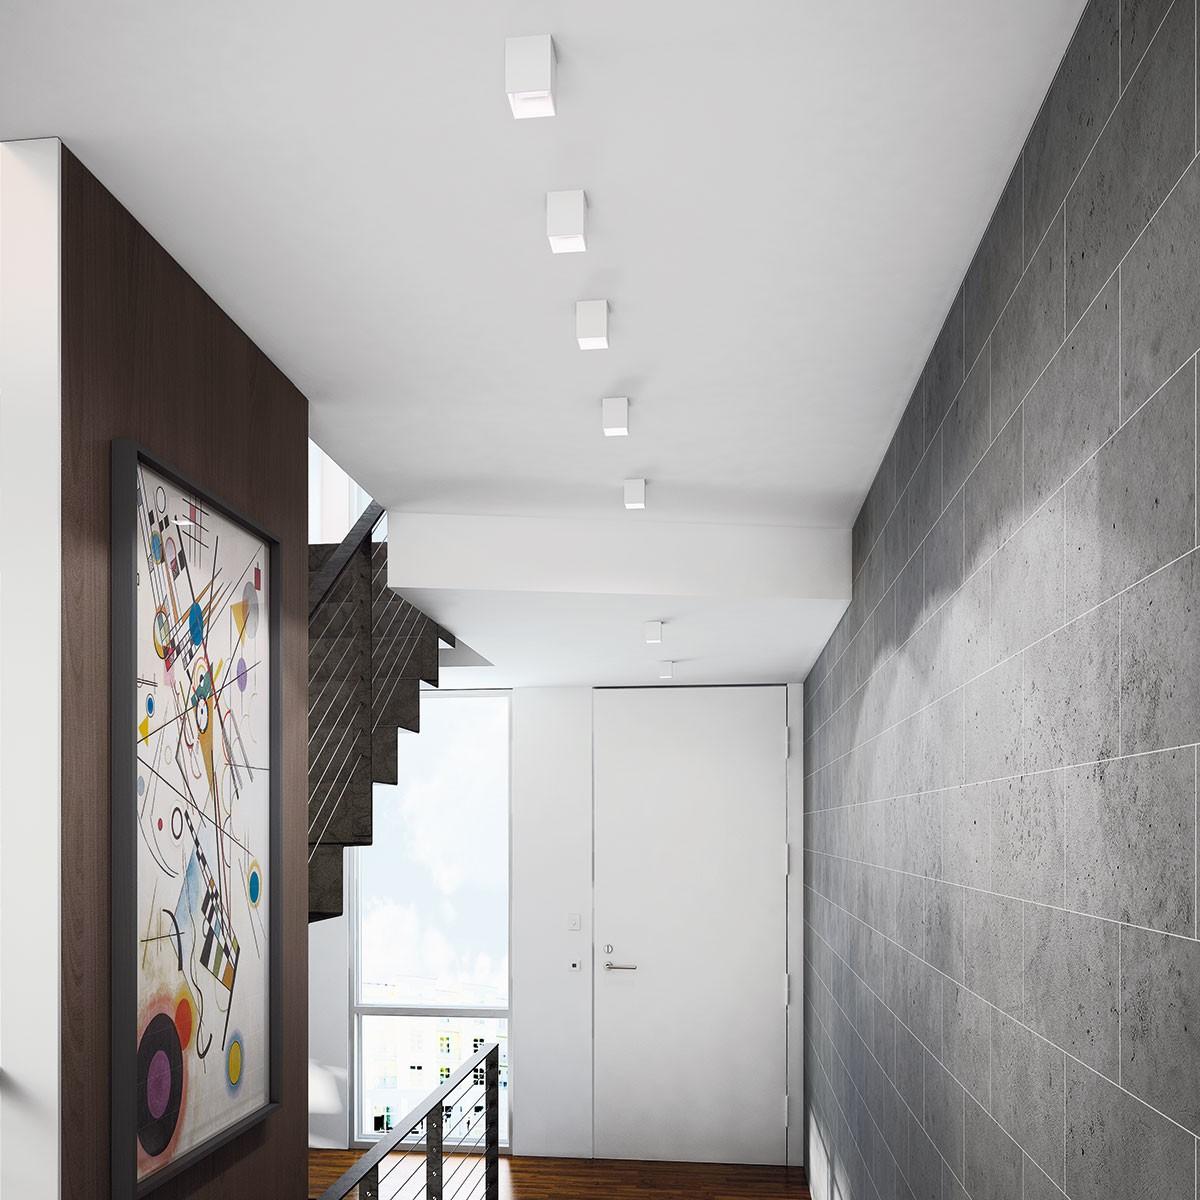 Milan Dau LED Deckenleuchte, weiß lackiert